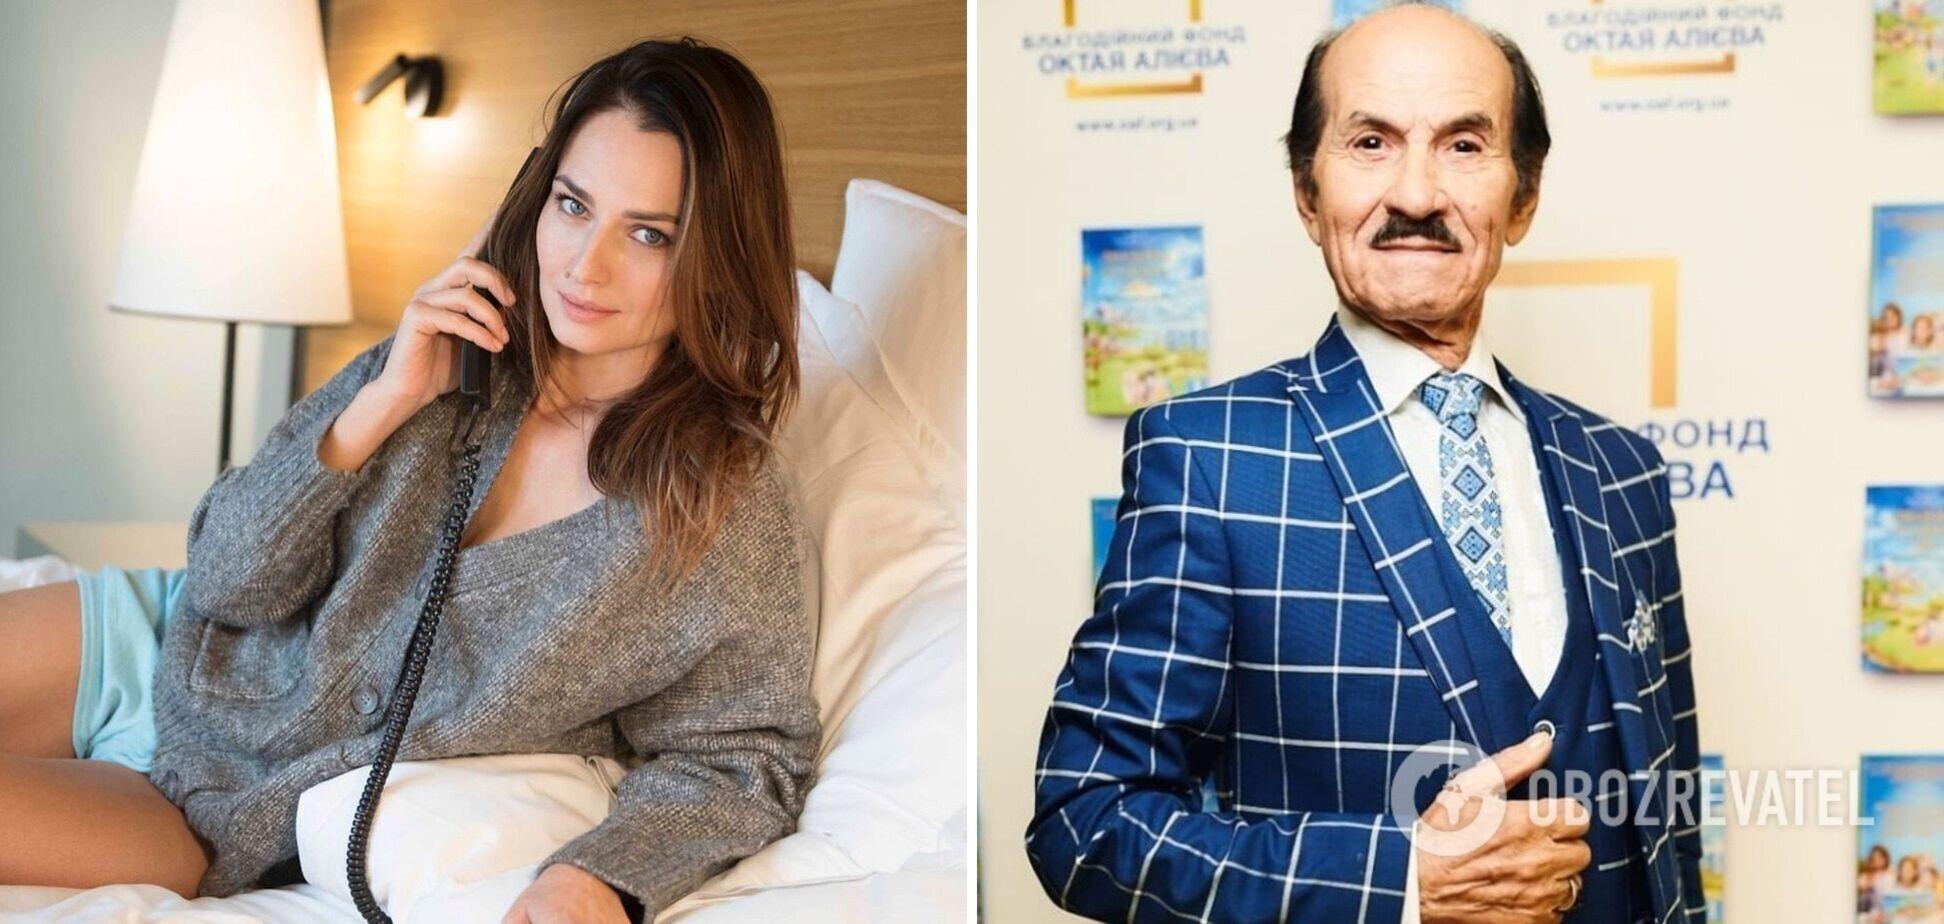 Внучку Чапкиса новость о смерти дедушки застала на отдыхе в Греции